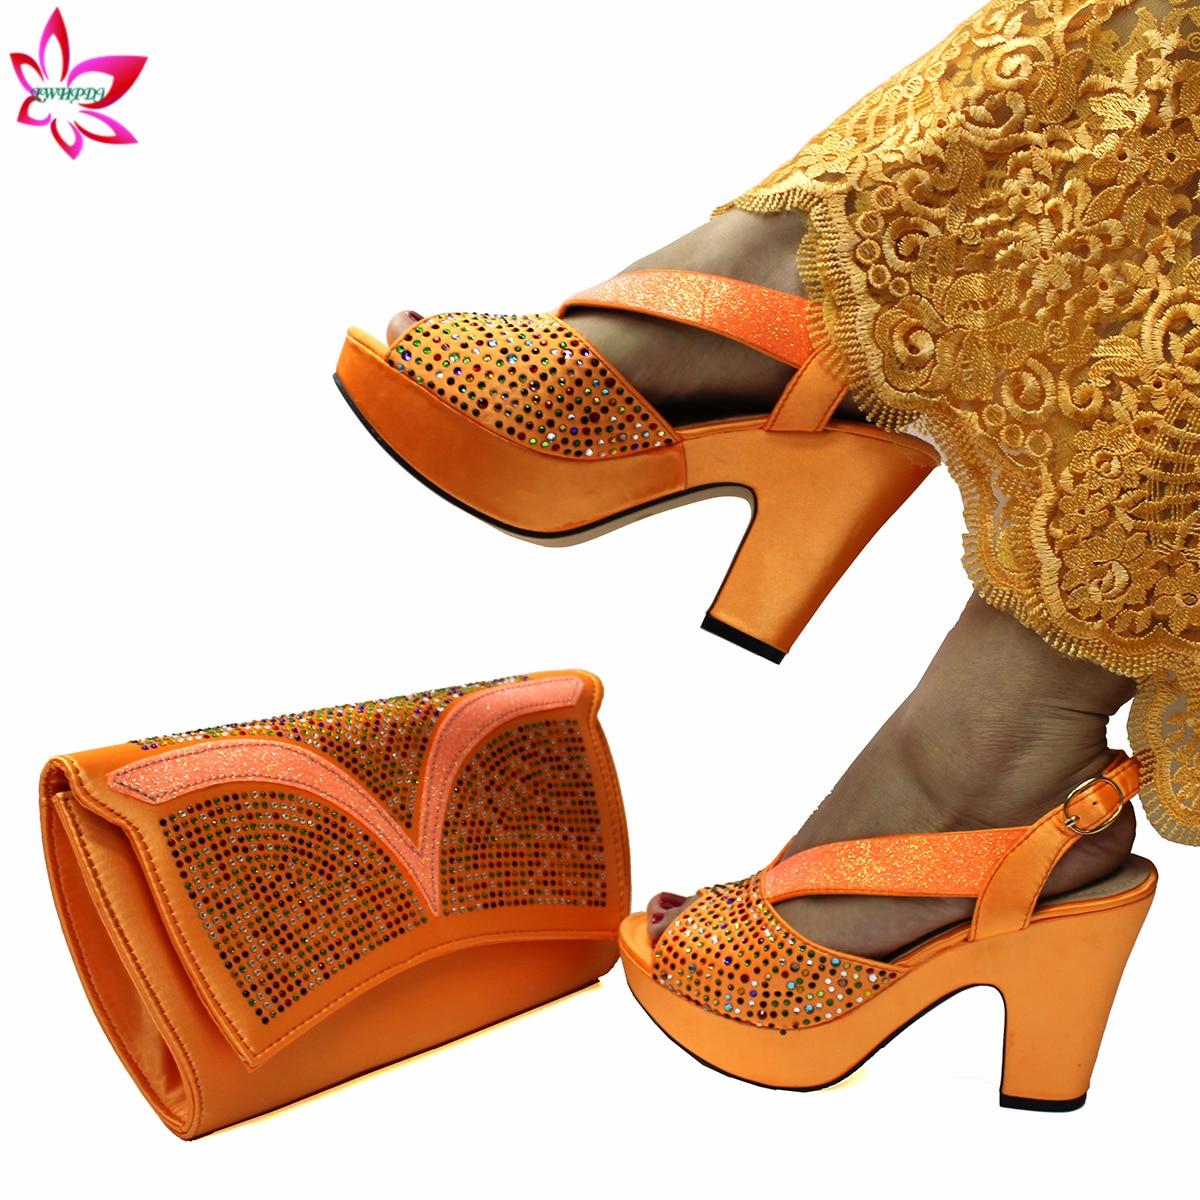 طقم أحذية وحقائب نسائية نيجيرية ، صنادل خفيفة ، لون برتقالي ، أحذية حديقة ، سعر جيد ، مجموعة 2021